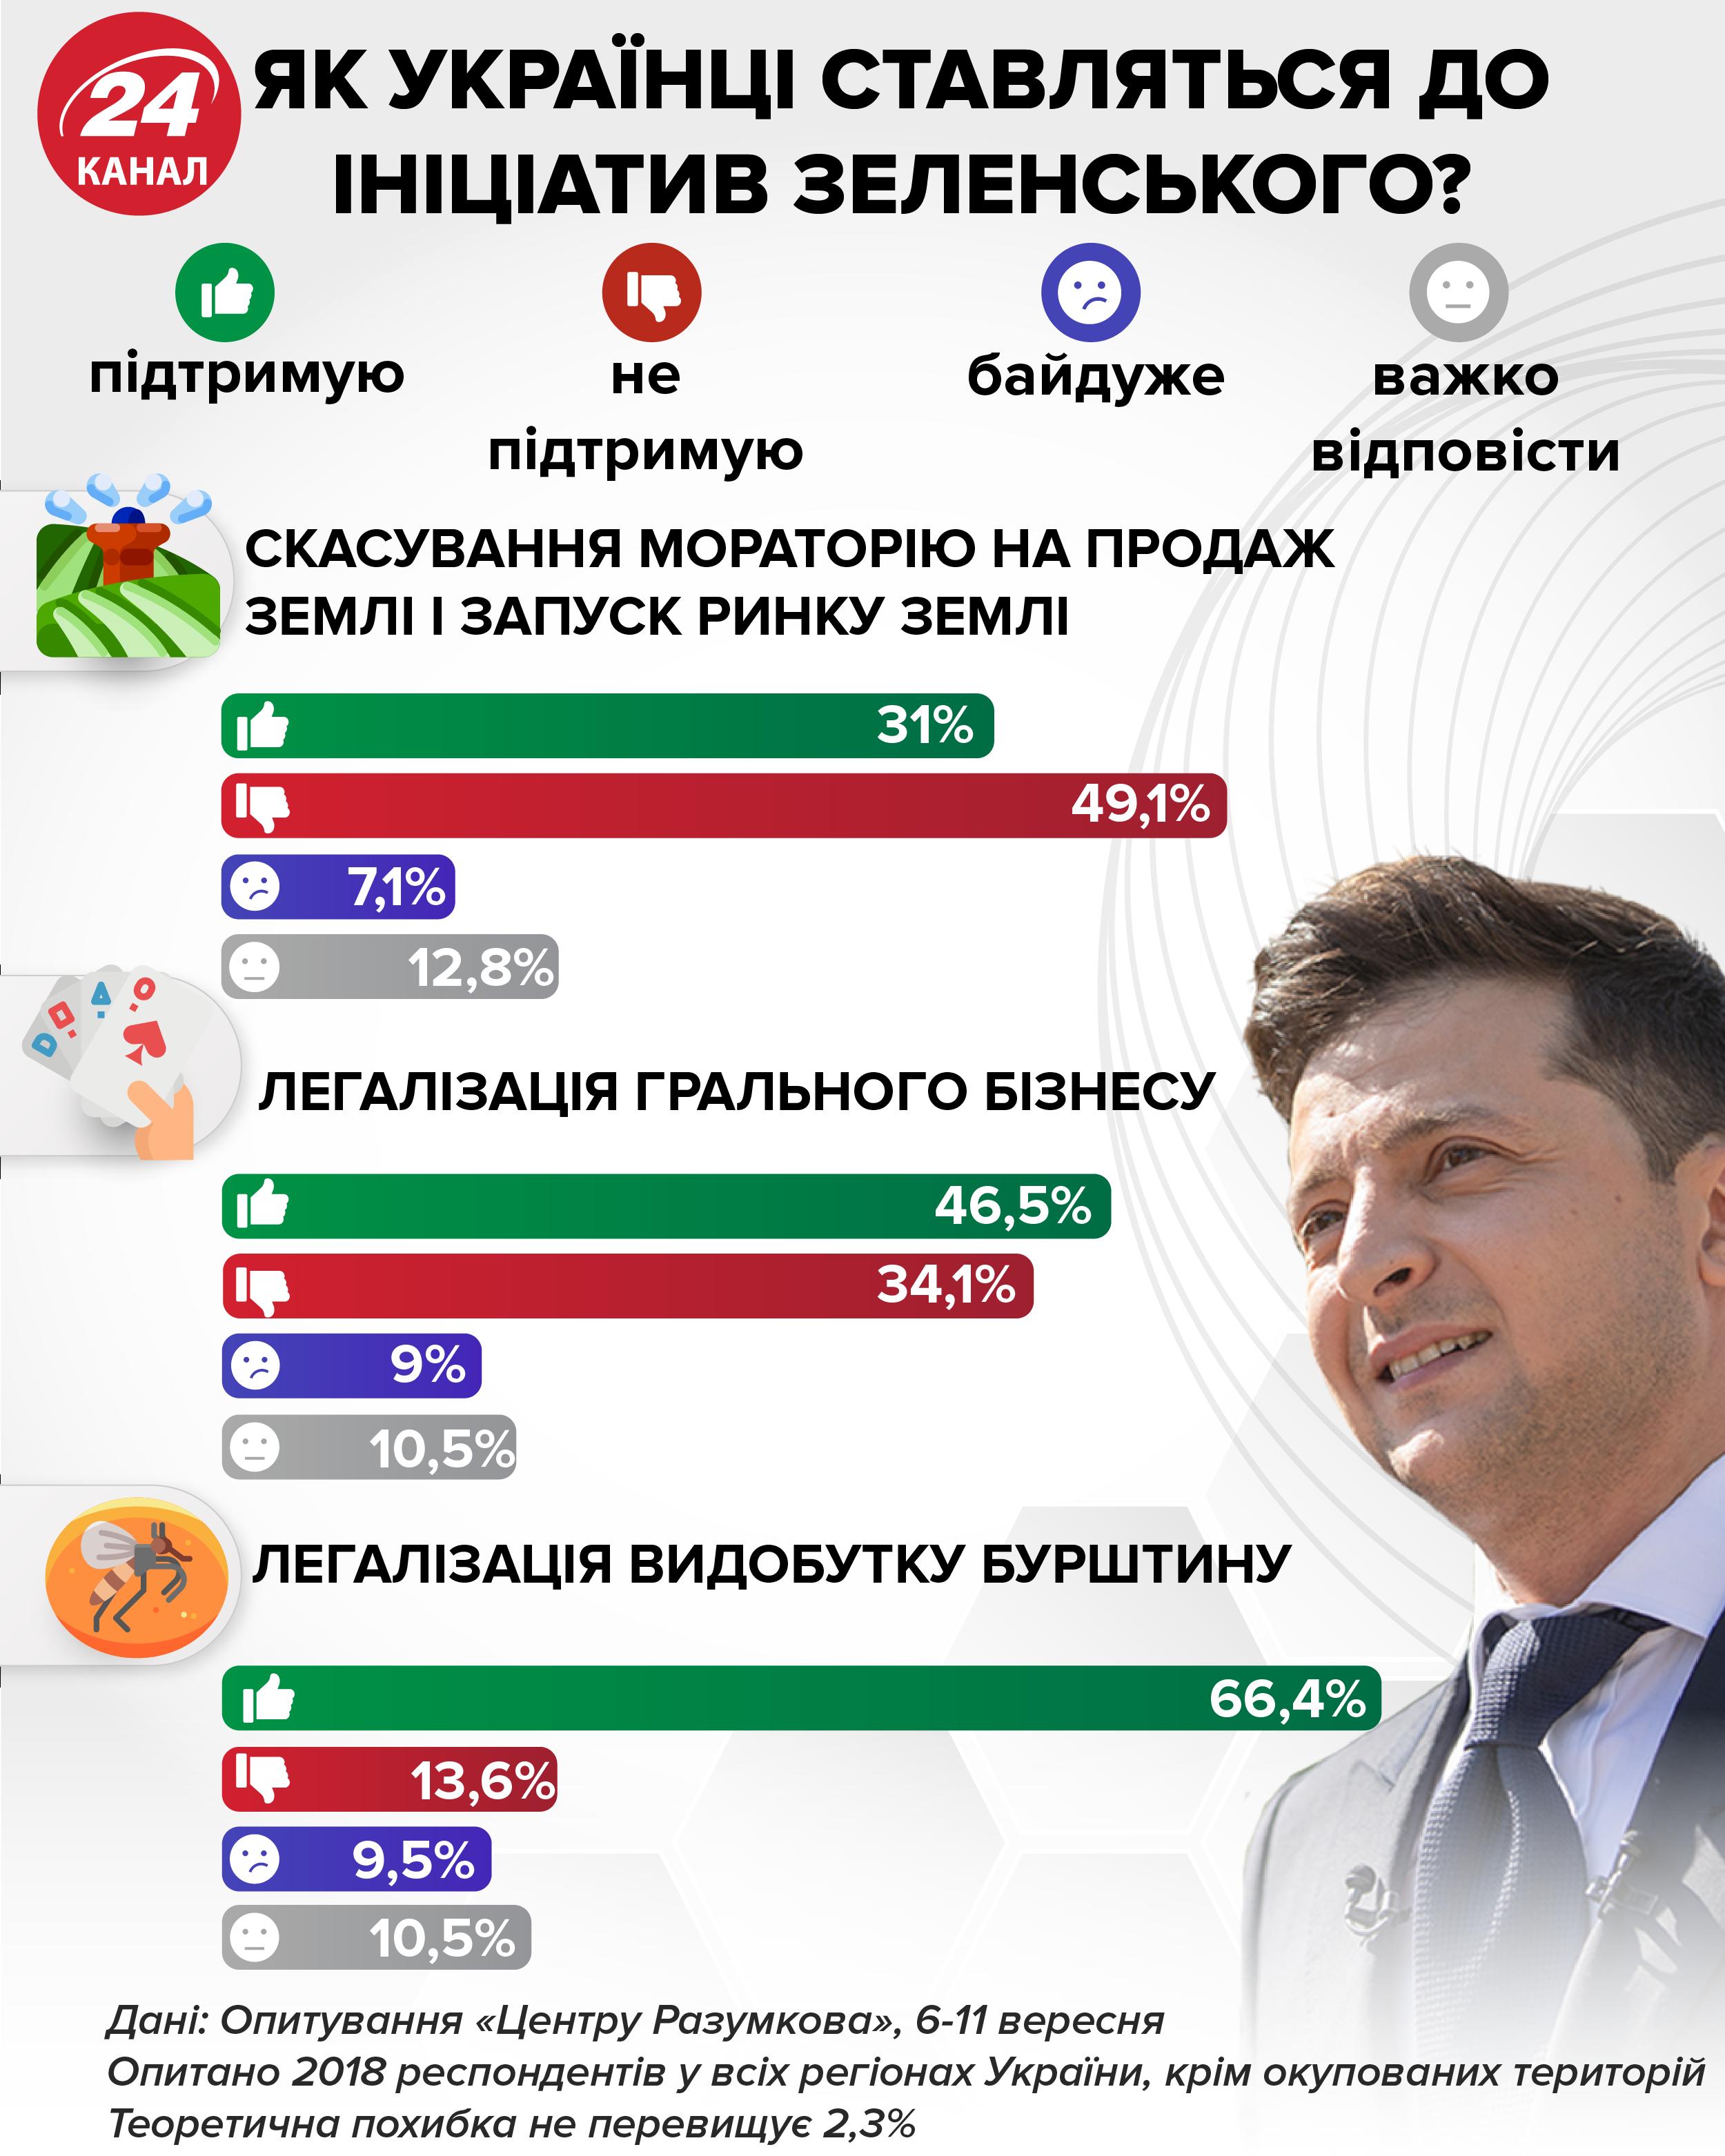 гральний бізнес ставлення українців інфографіка